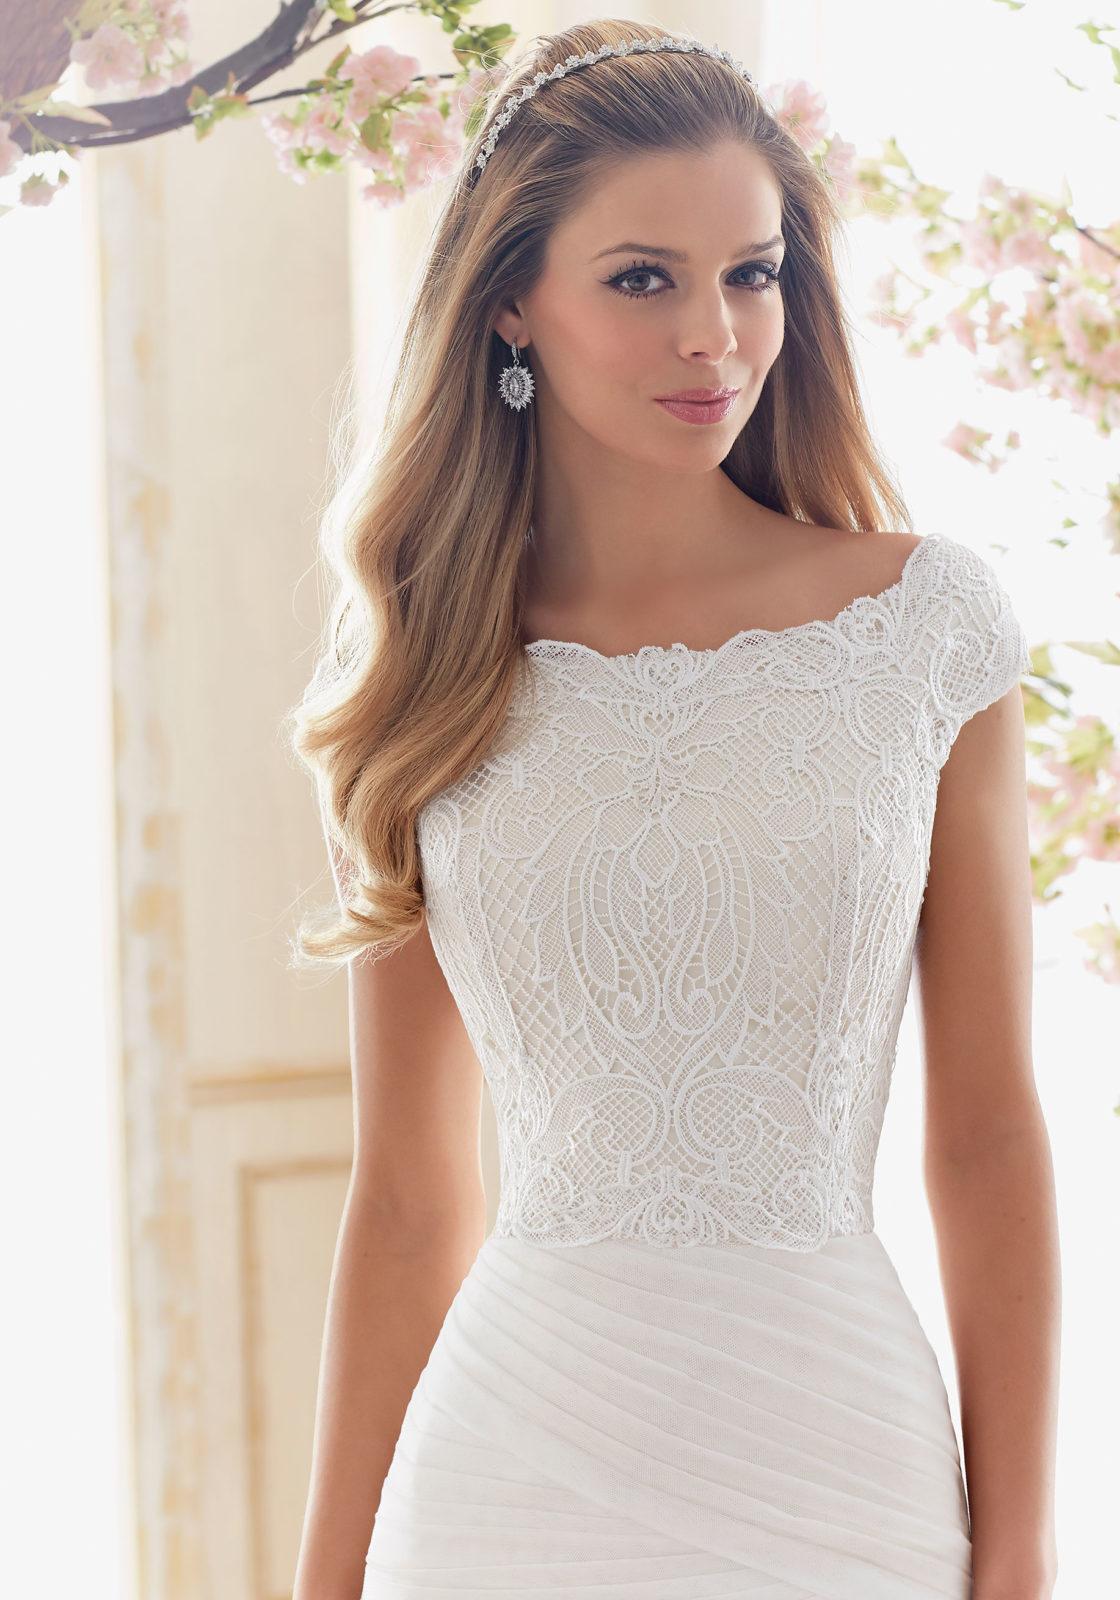 vintage lace top wedding dresses photo - 1